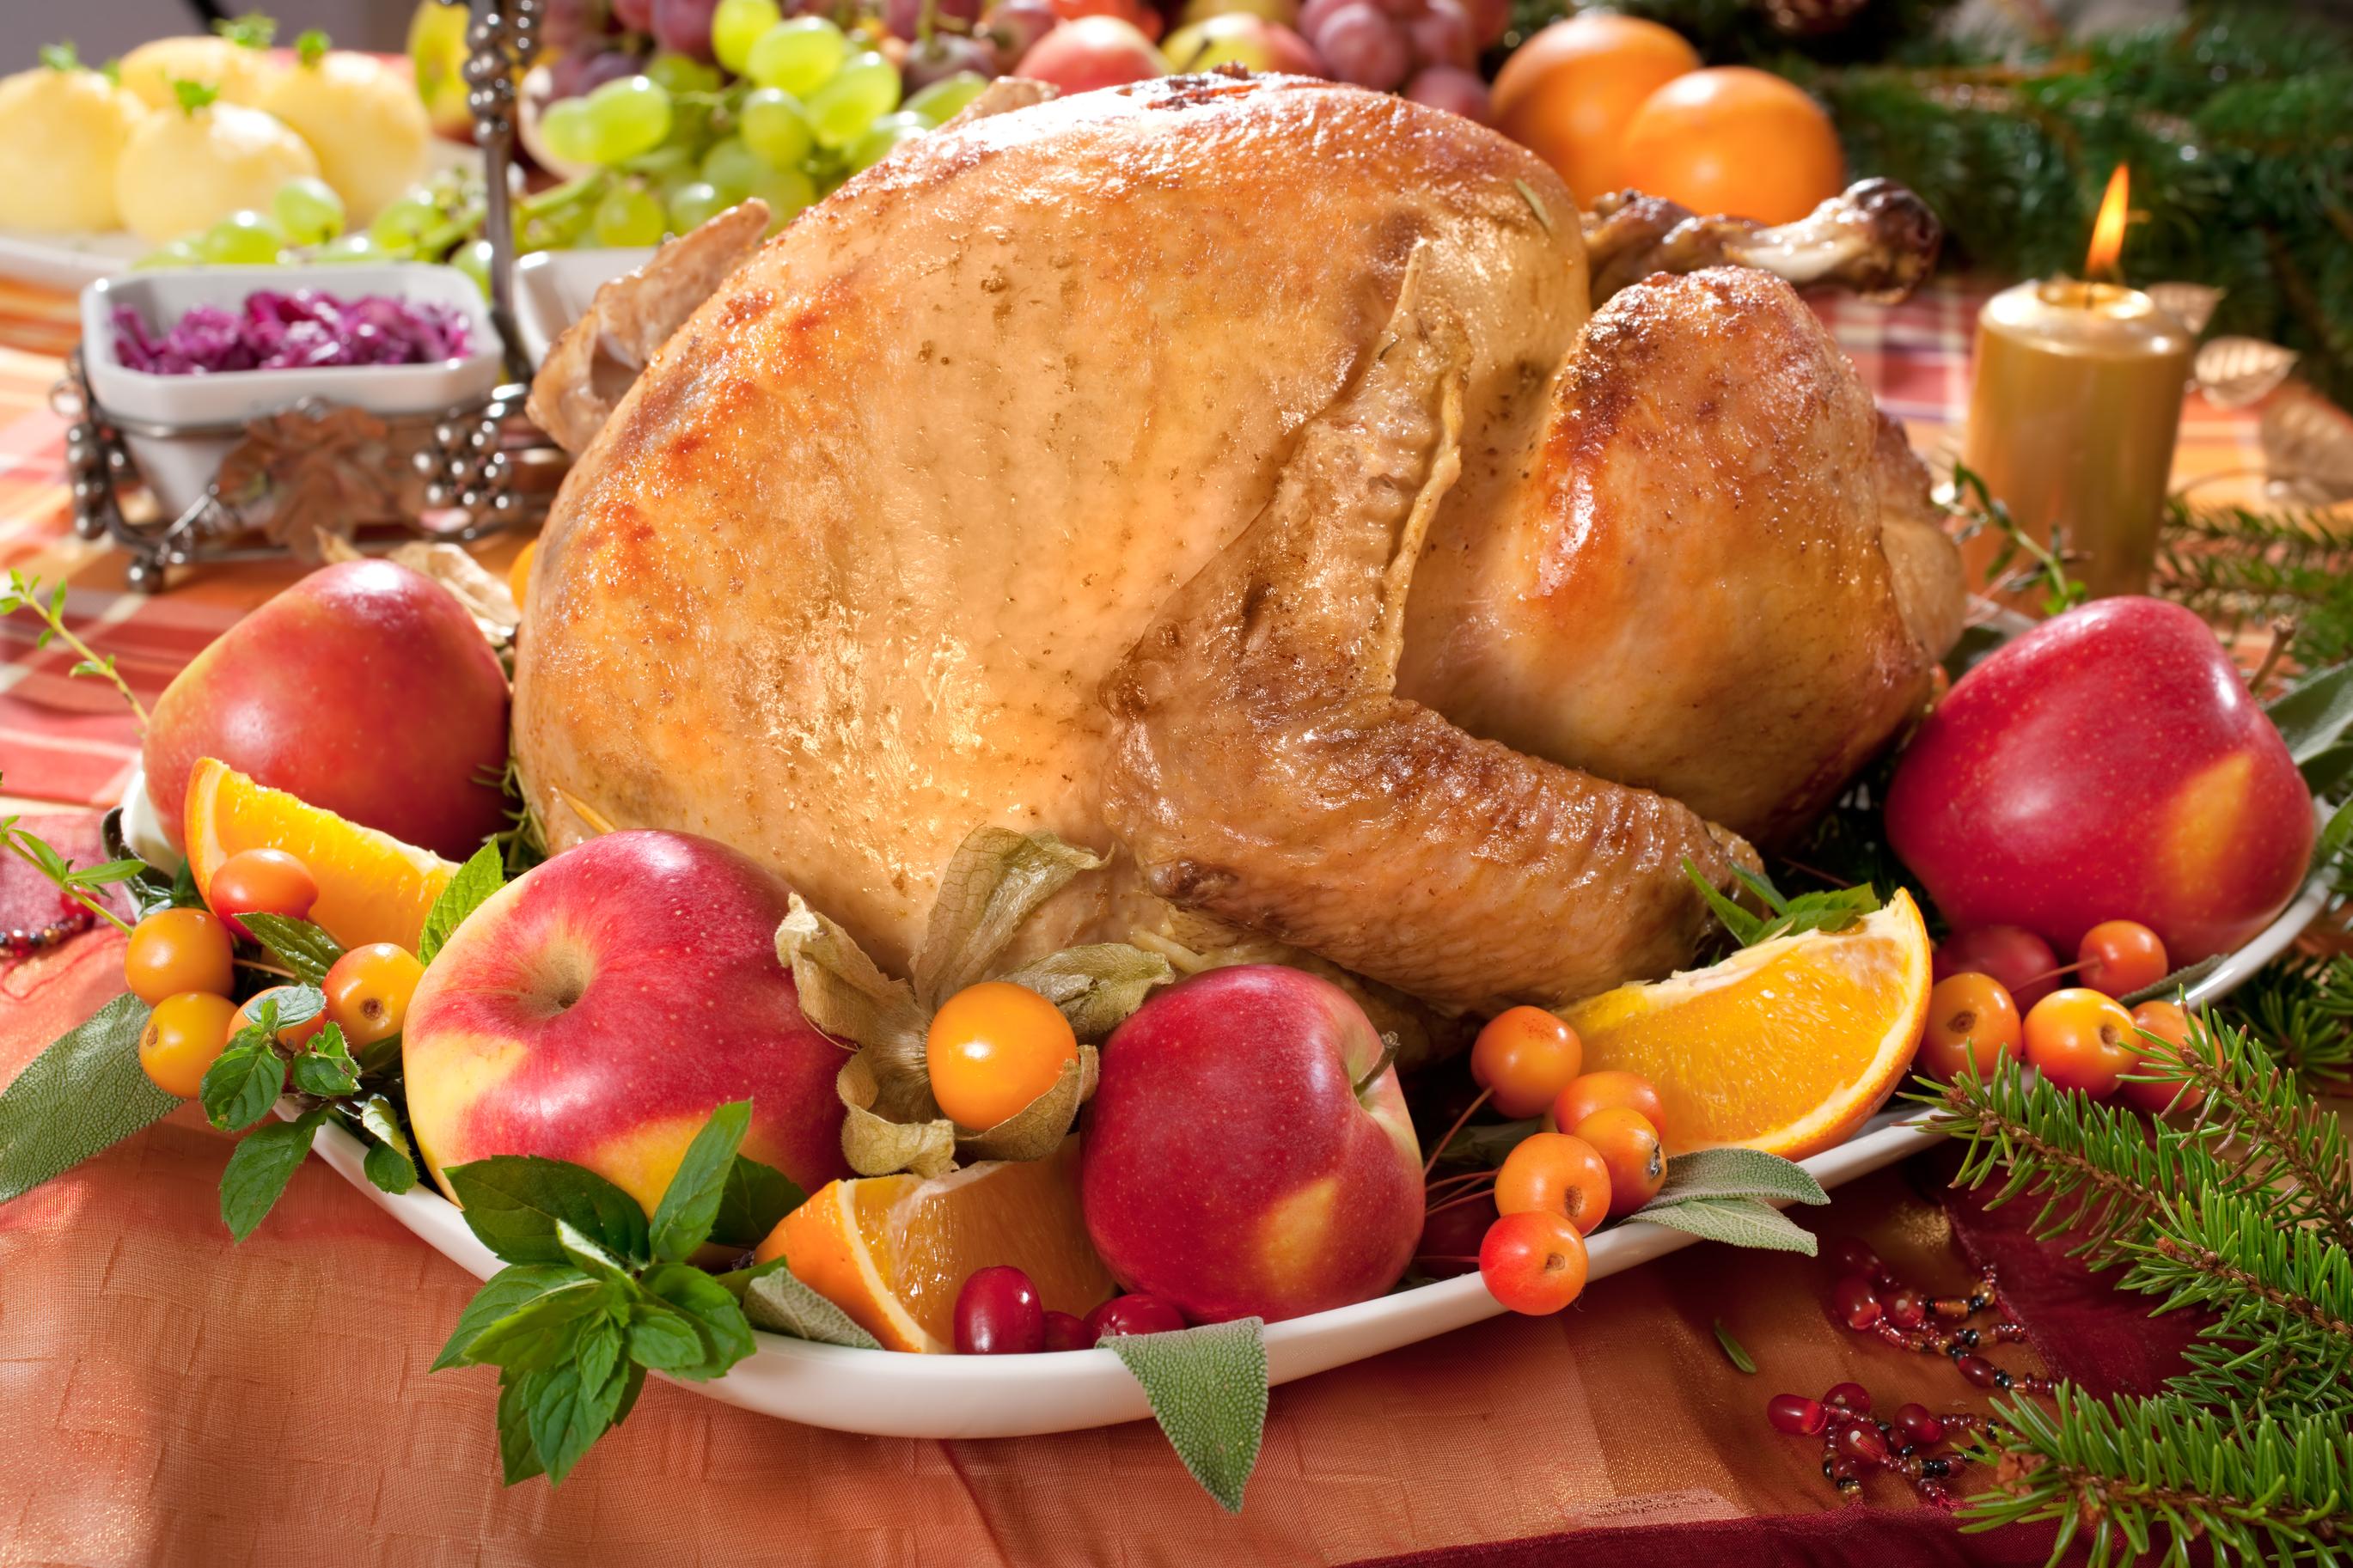 Reserve a non-GMO turkey ($2.99/lb)